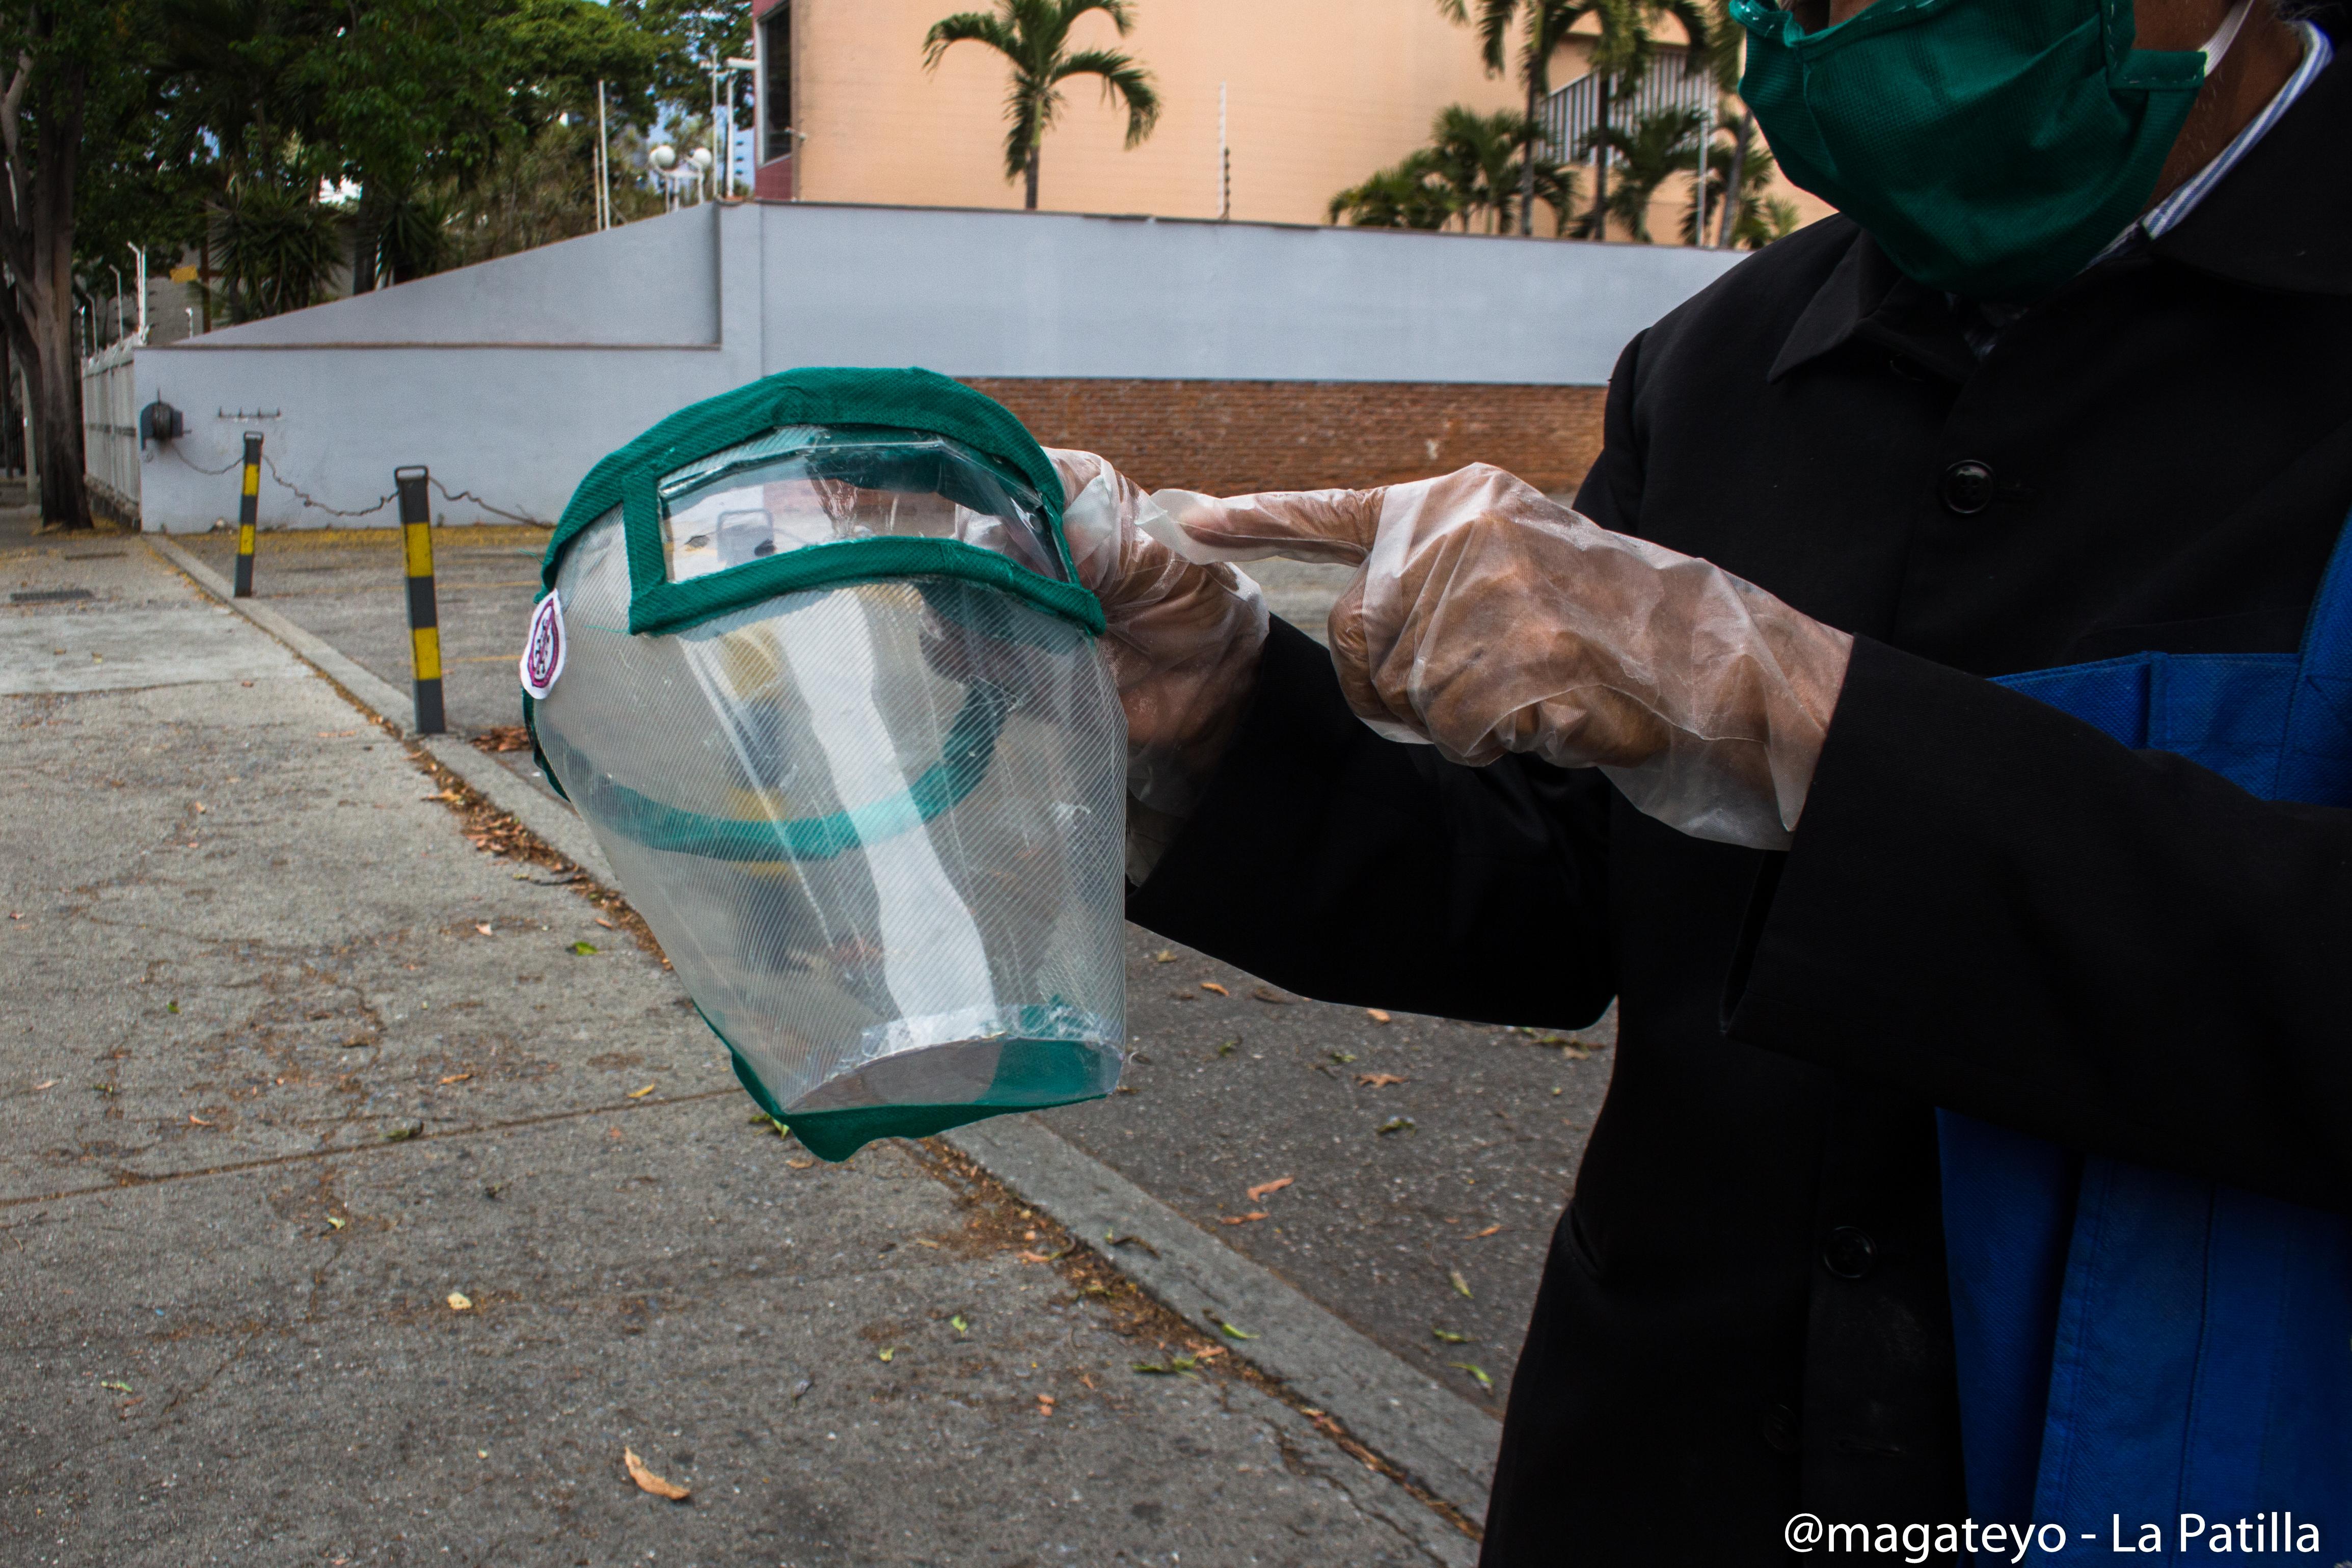 Tapabocas en Venezuela: Creatividad contra la Covid-19 en plena crisis nacional (Fotos)